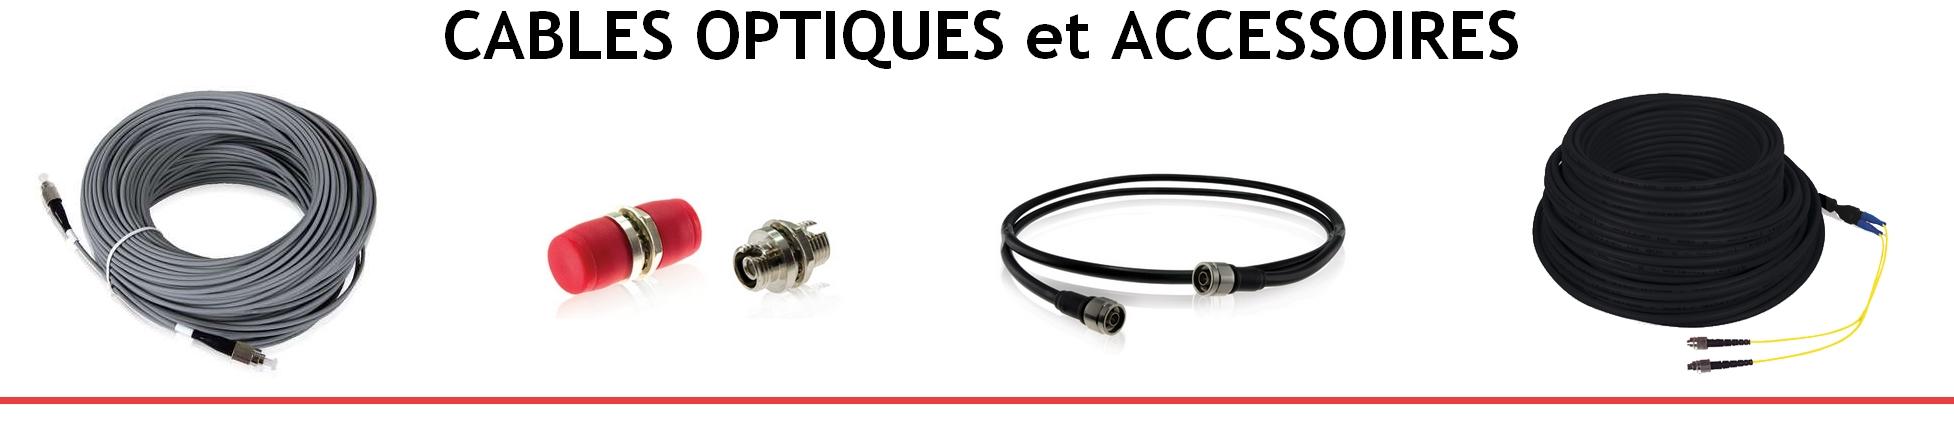 Enclosure Electronics SUPERTOOL IP54 Bo/îtier de projet /électronique en aluminium pour ext/érieur//ext/érieur Bo/îtier de jonction dalimentation complet avec connecteur argent